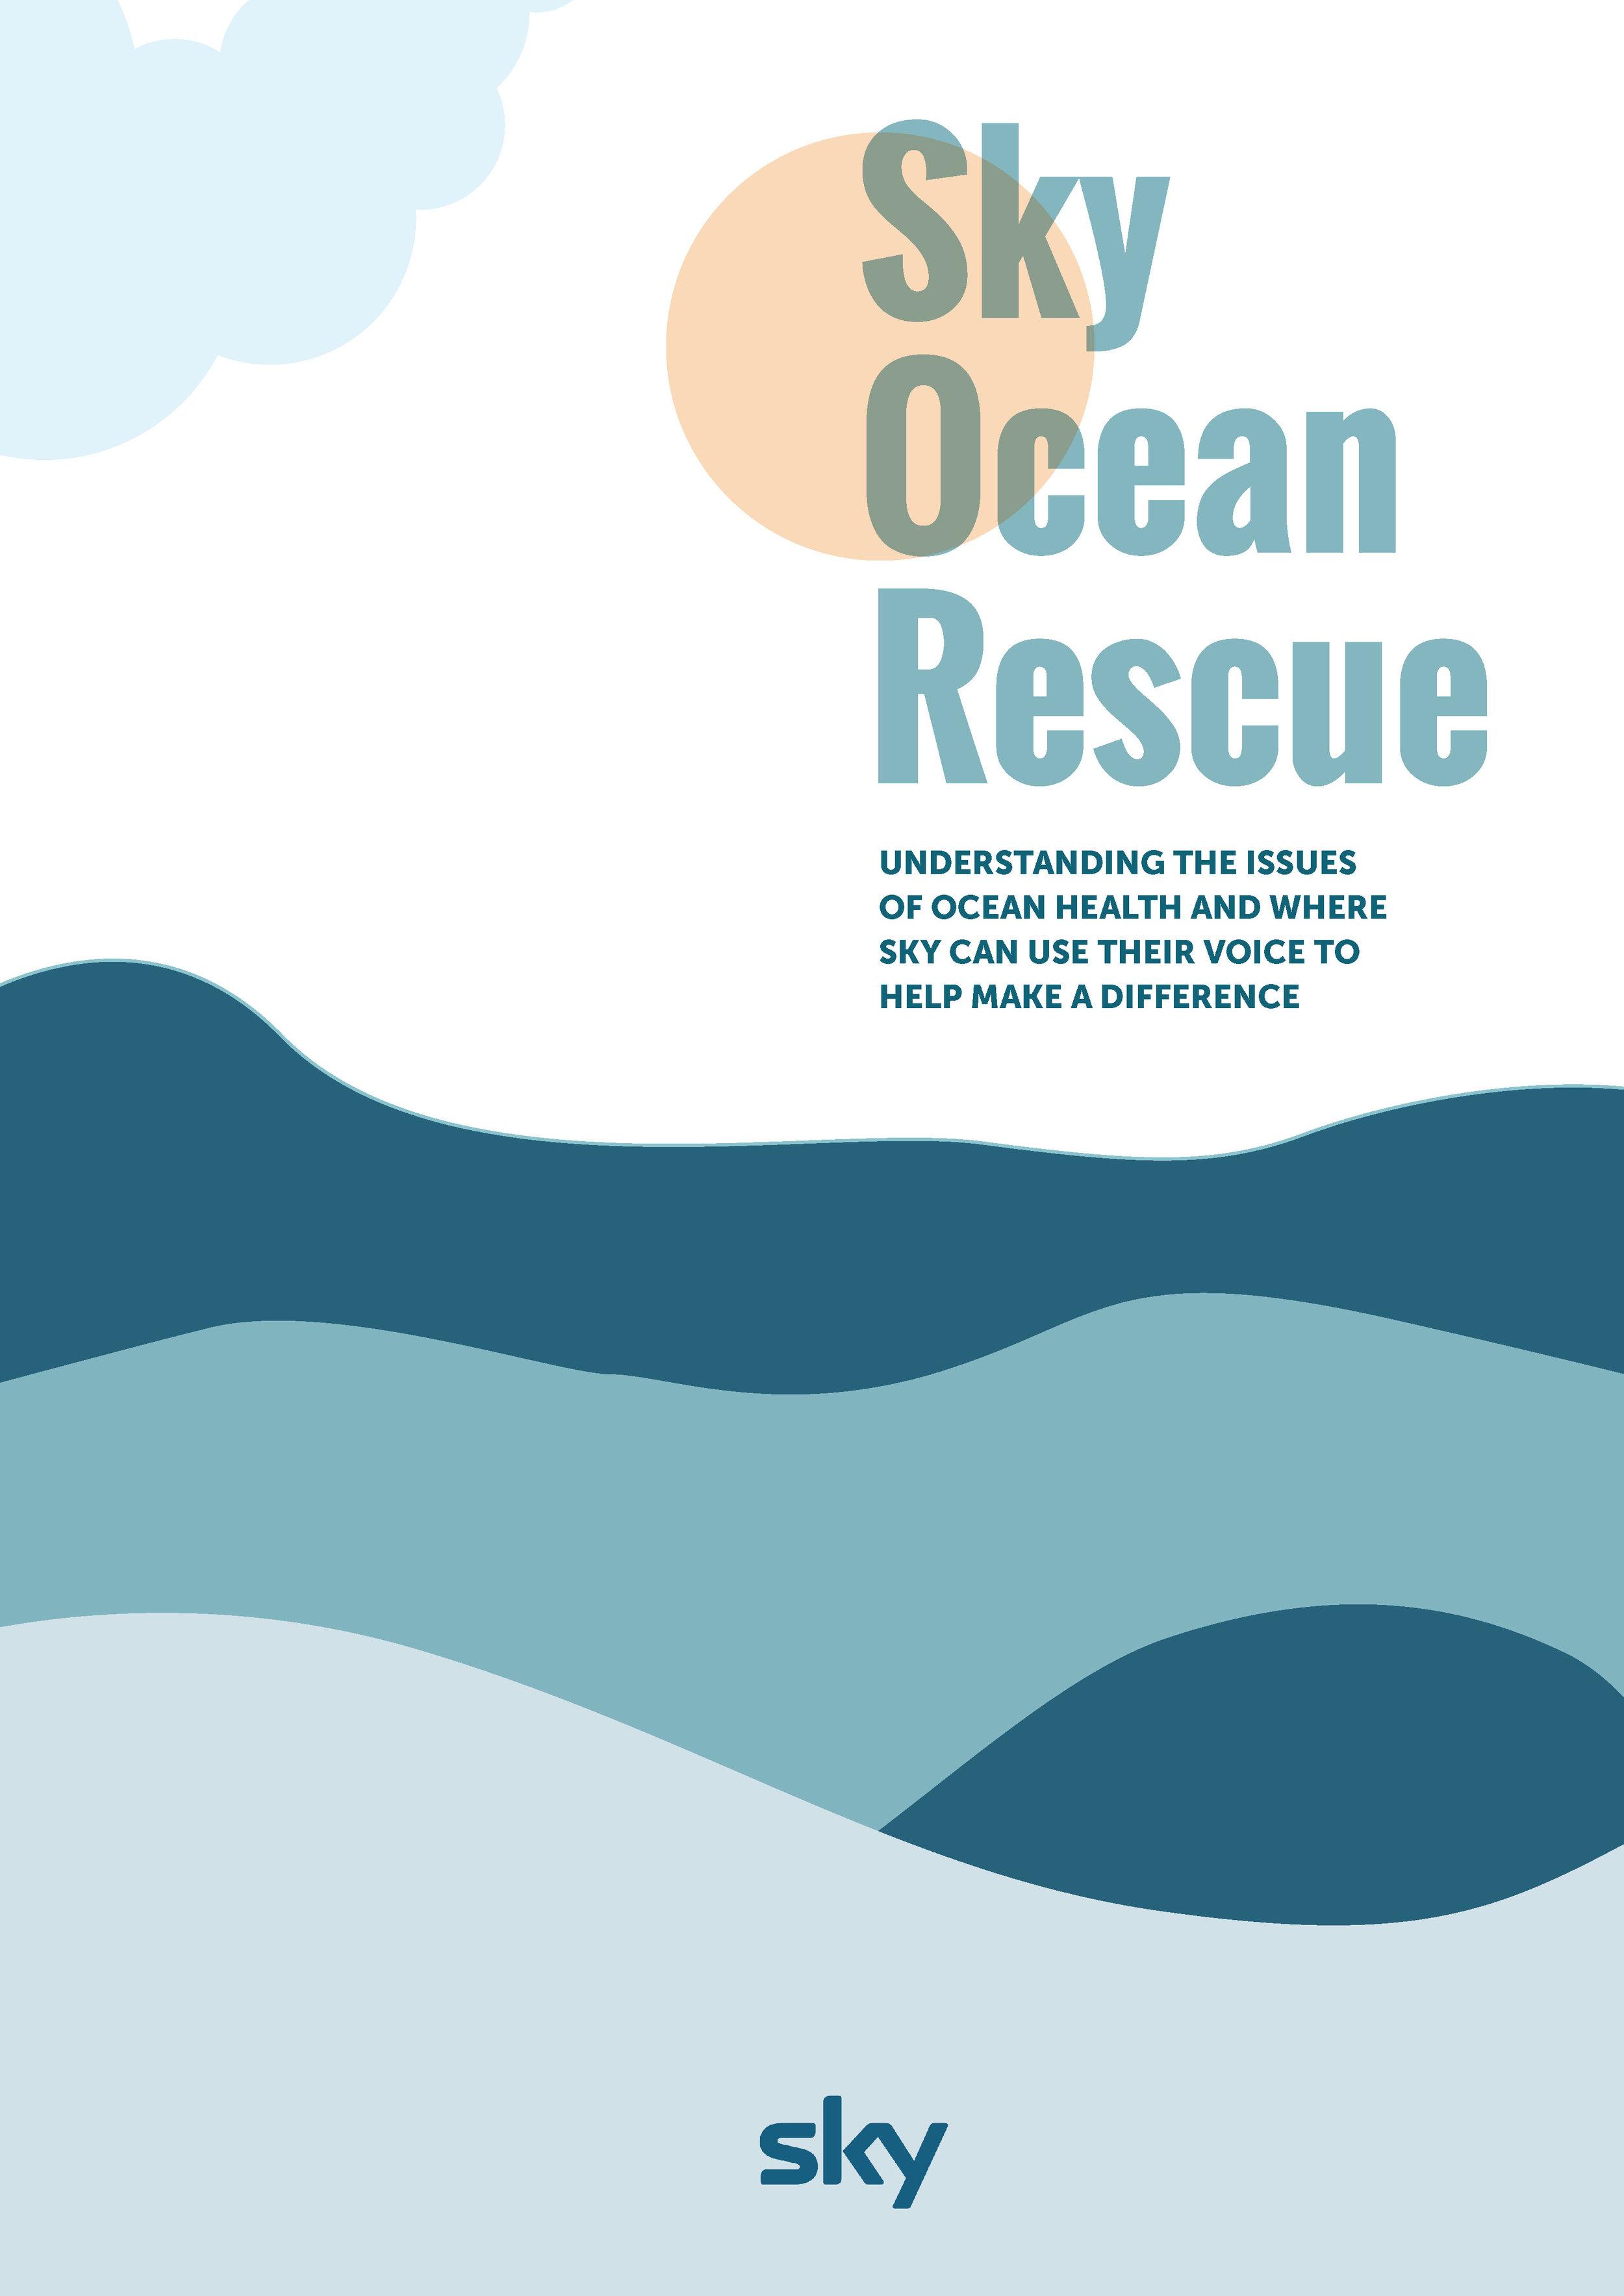 OCEAN RESCUE_Final_A2_Print (1)_Page_1.jpg